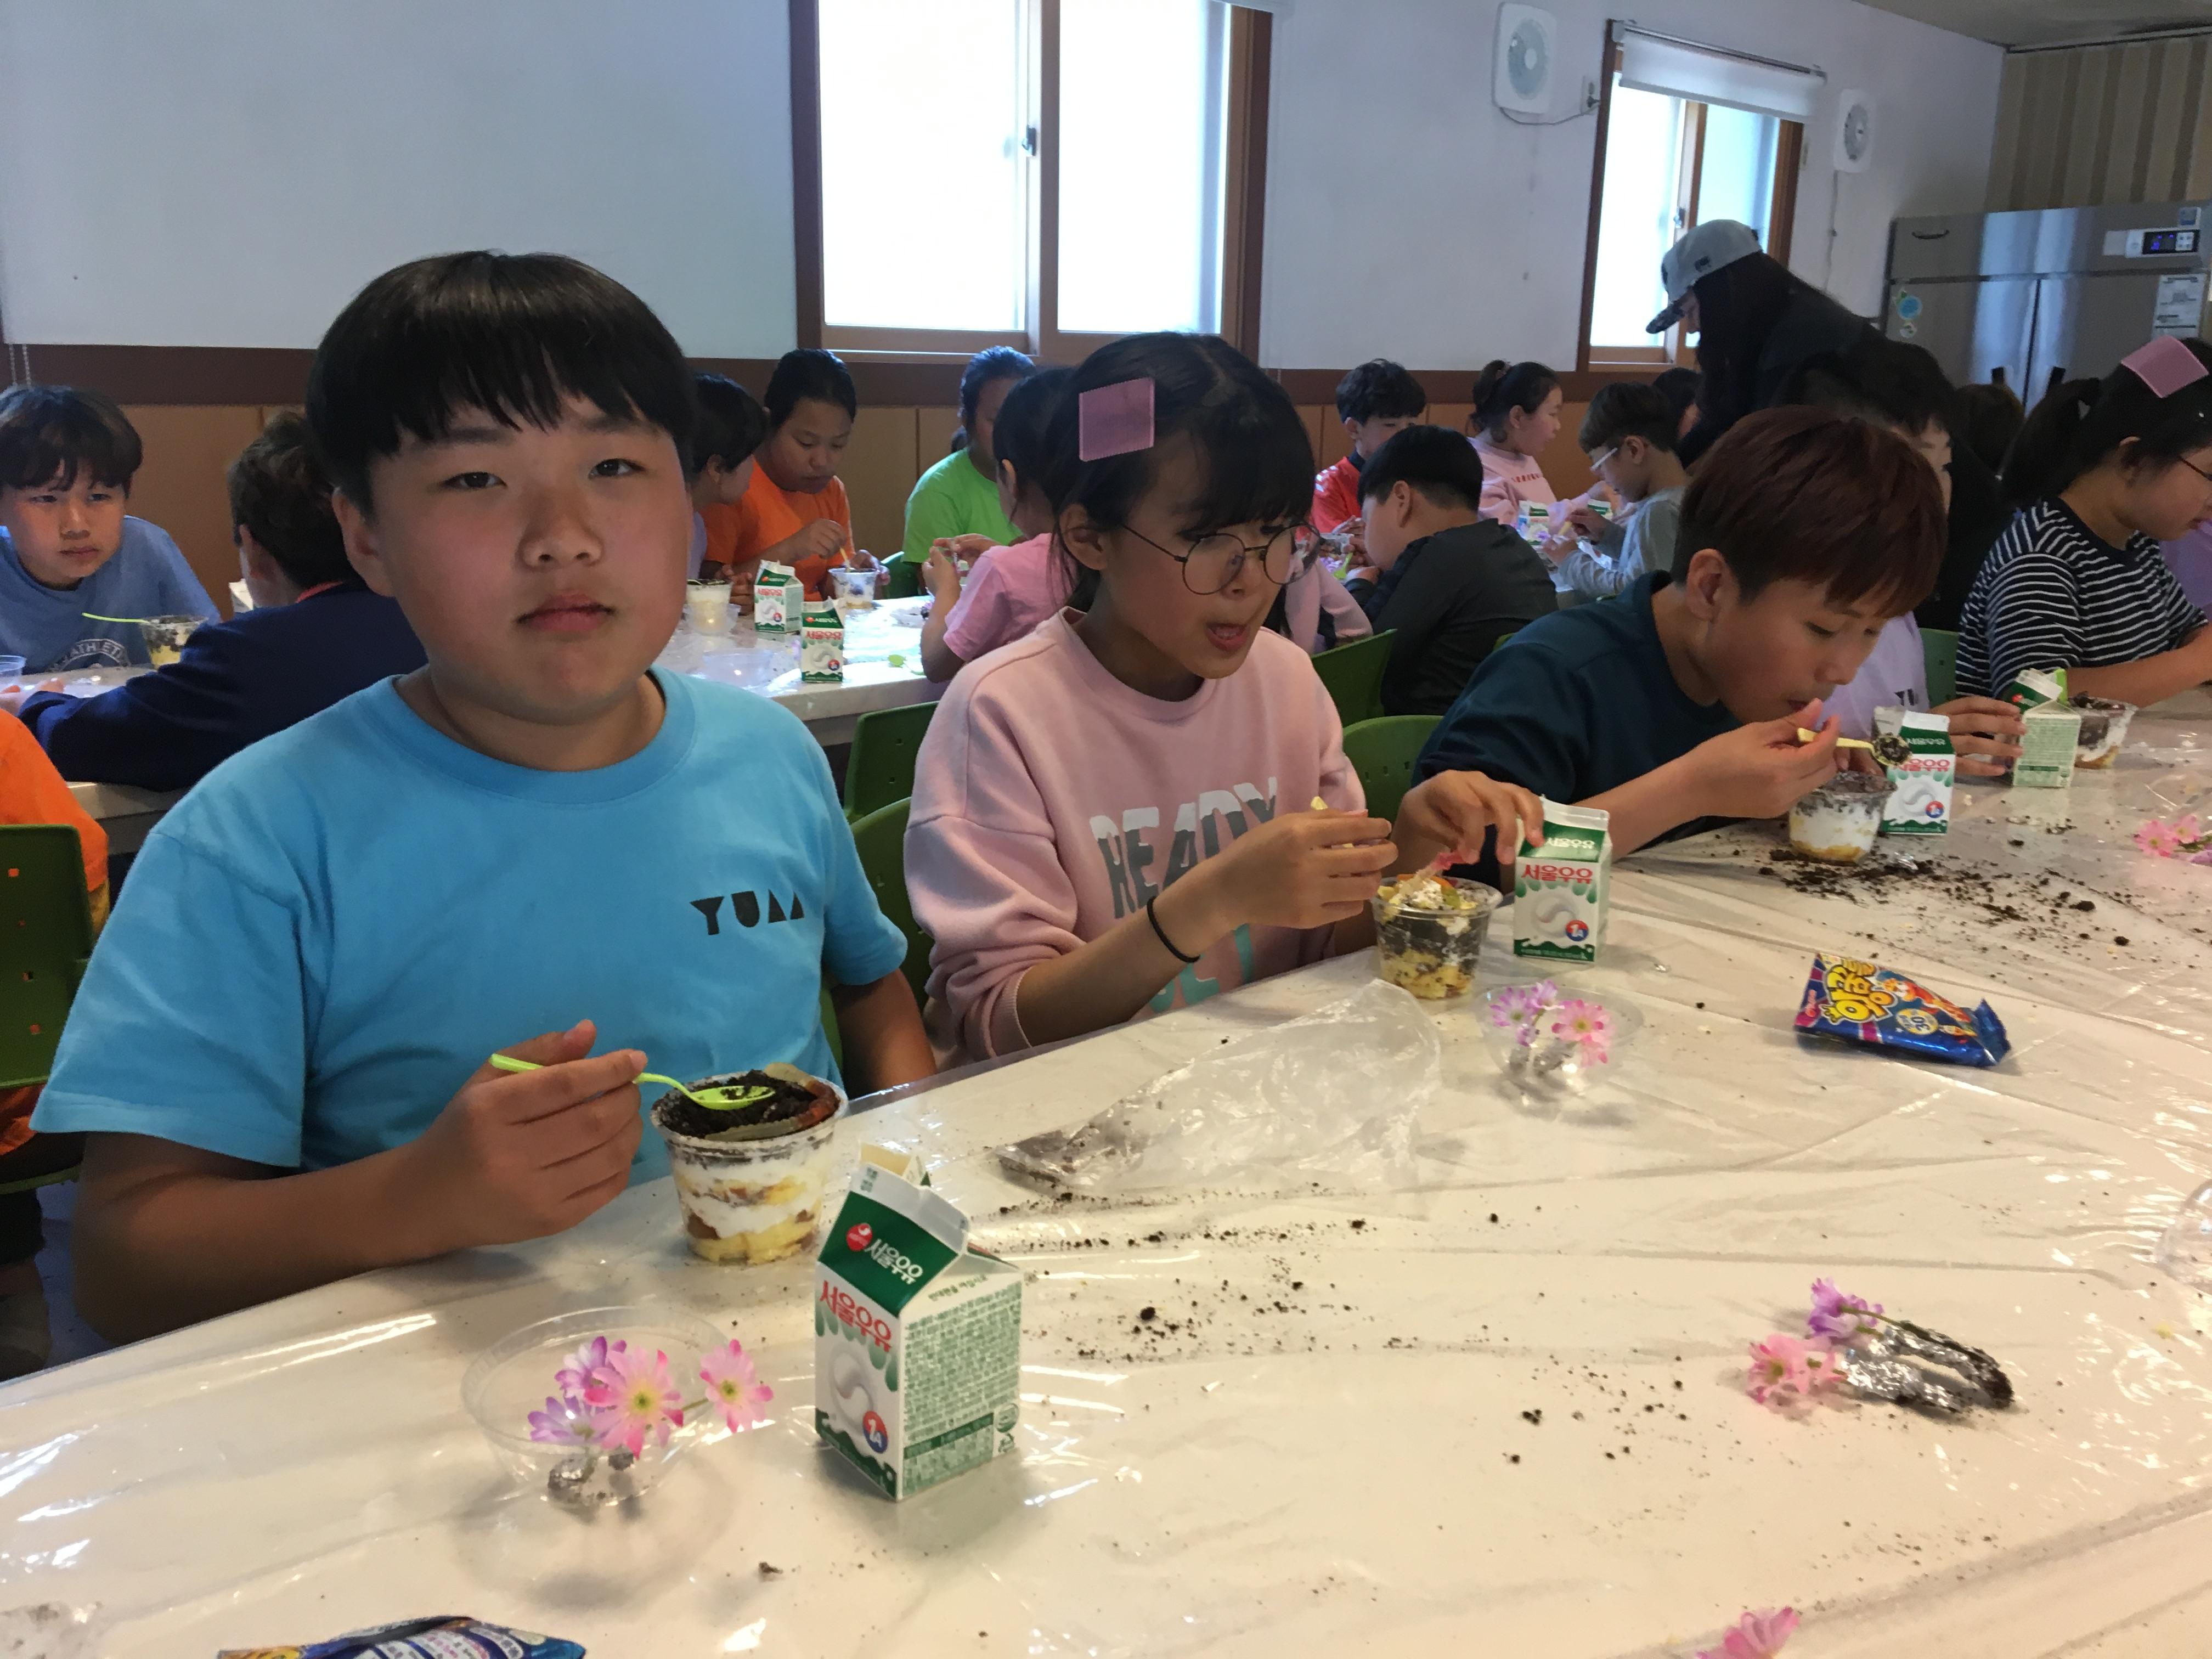 [일반] 0503 전교생이 함께하는 화분케이크 만들기의 첨부이미지 1